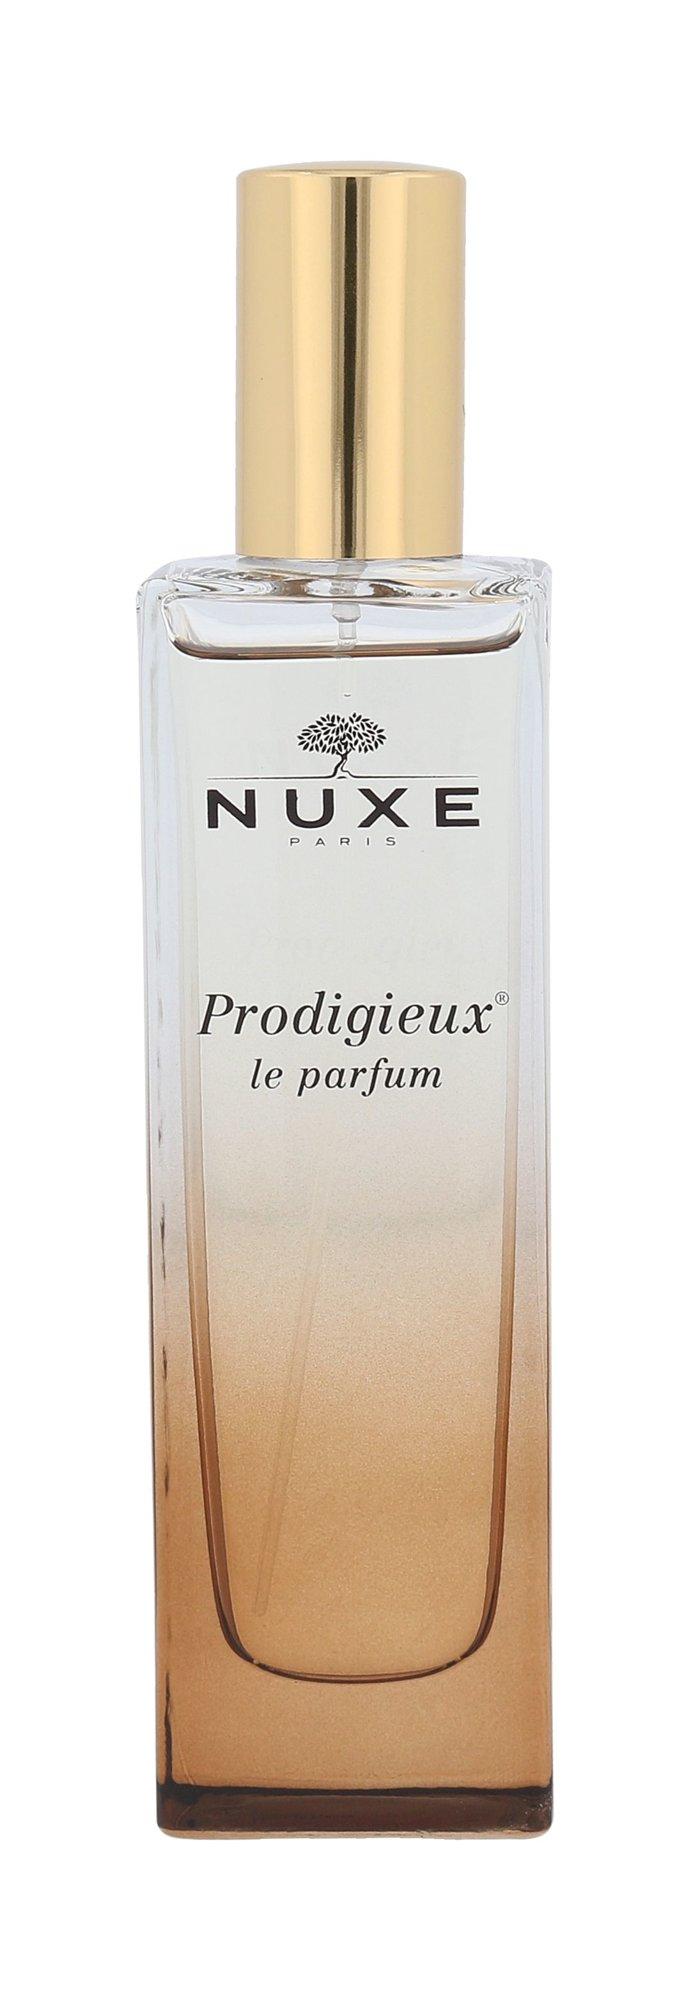 NUXE Prodigieux EDP 50ml